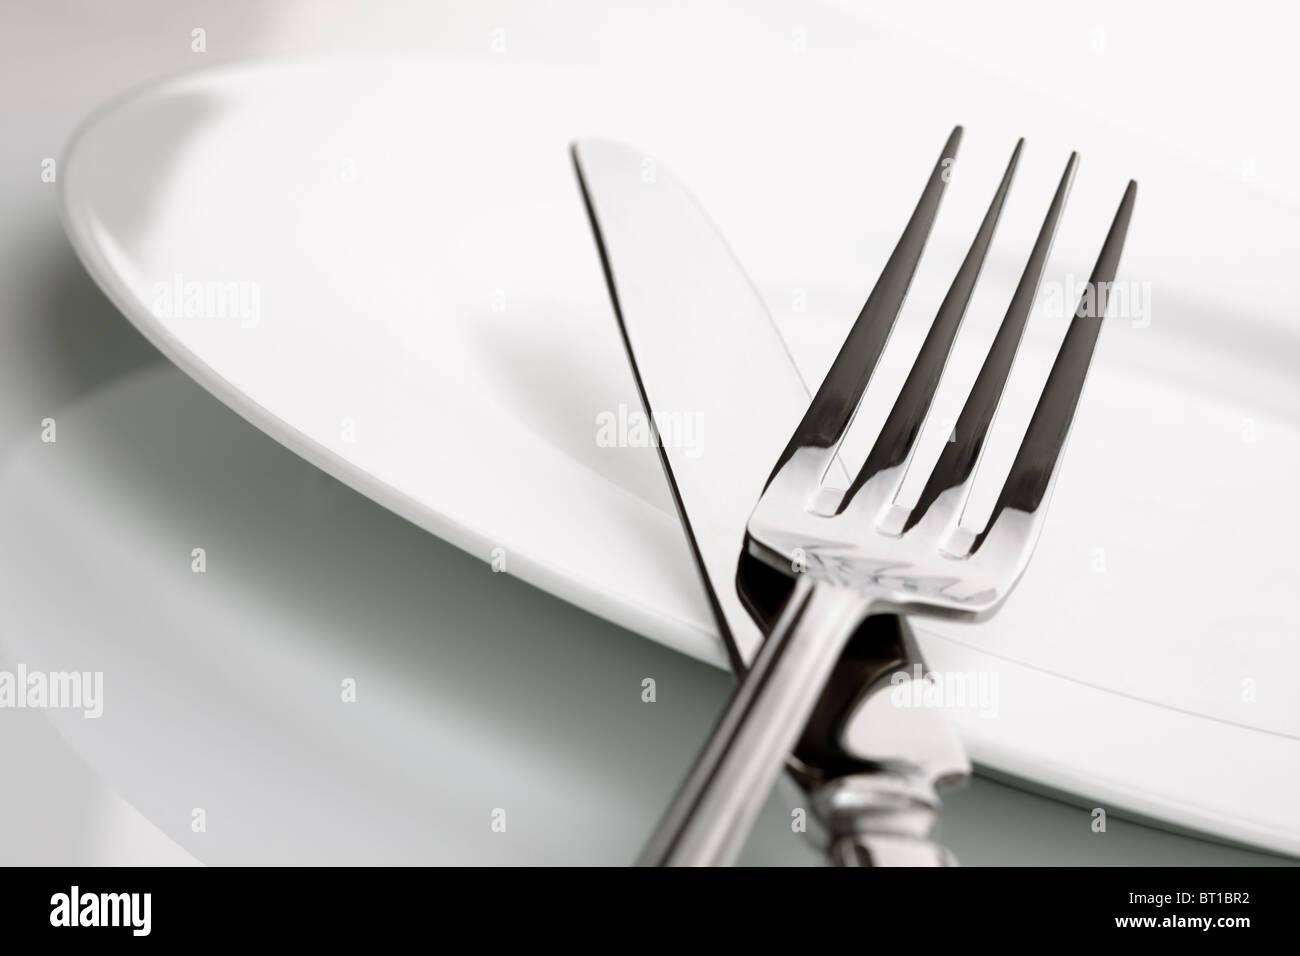 Assiette, couteau et fourchette de l'argenterie Photo Stock